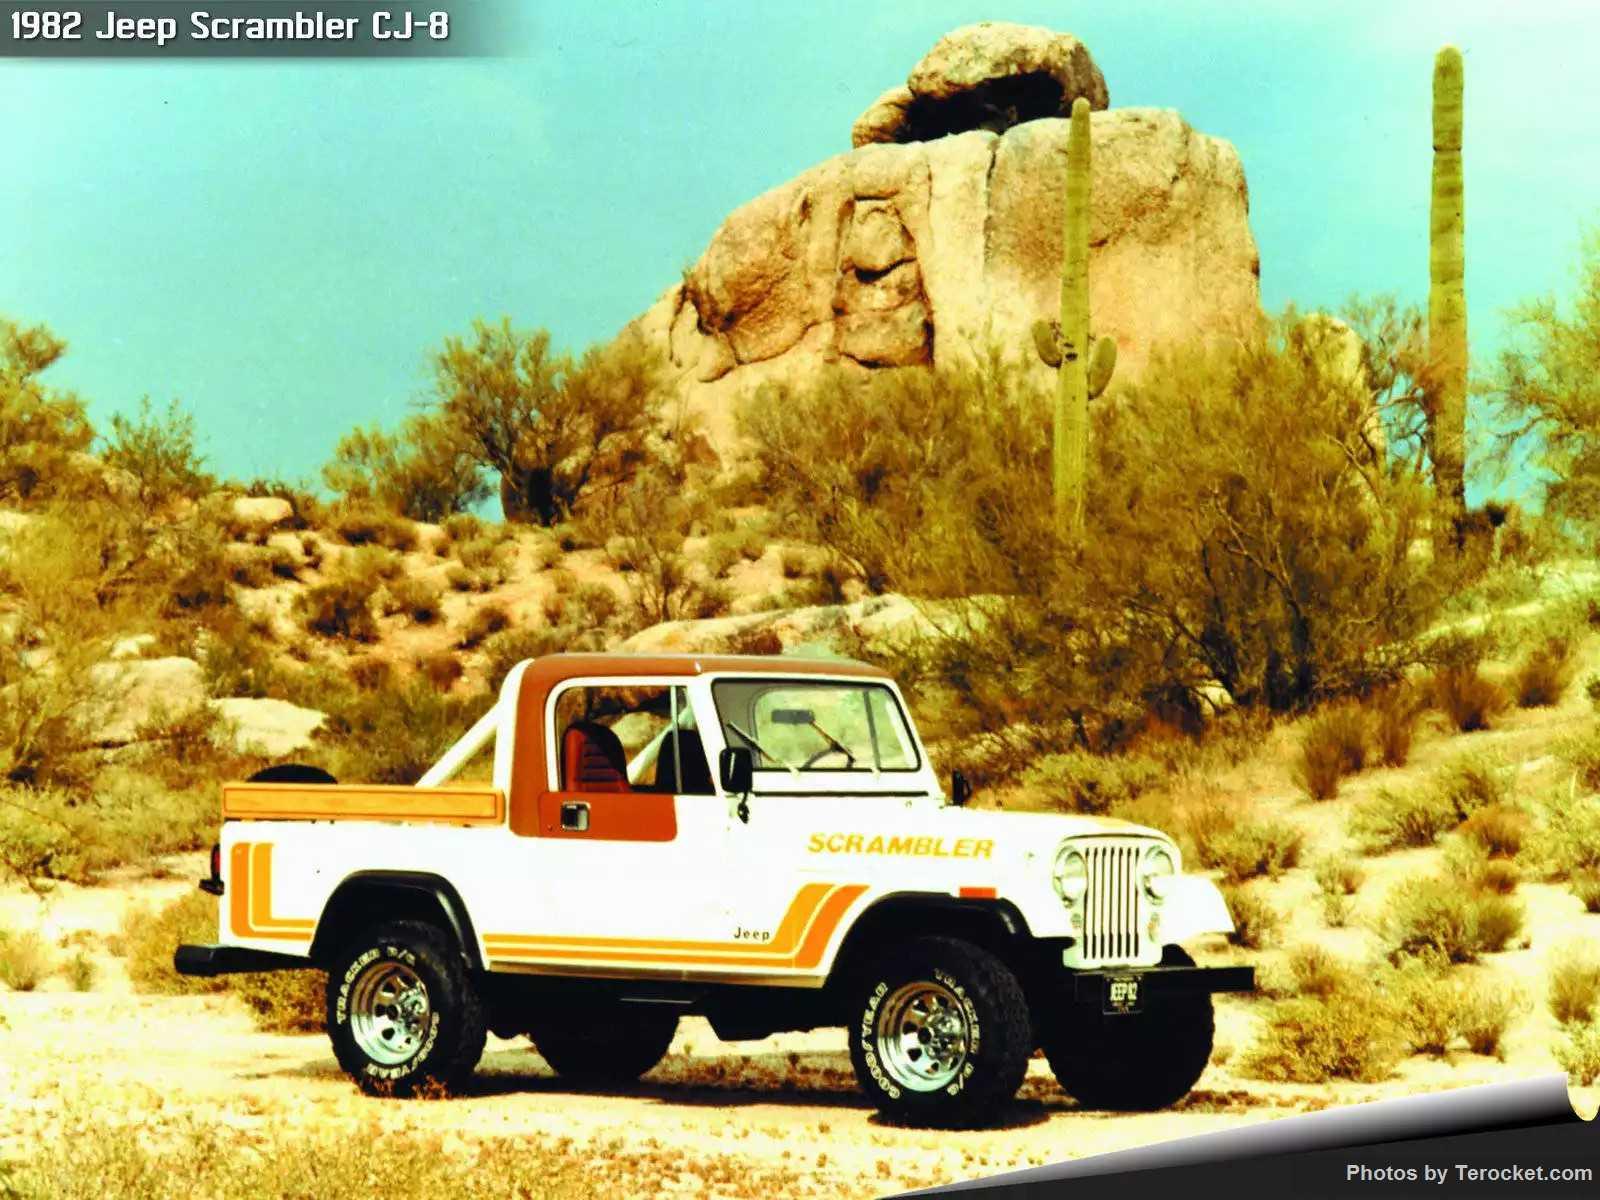 Hình ảnh xe ô tô Jeep Scrambler CJ-8 1982 & nội ngoại thất